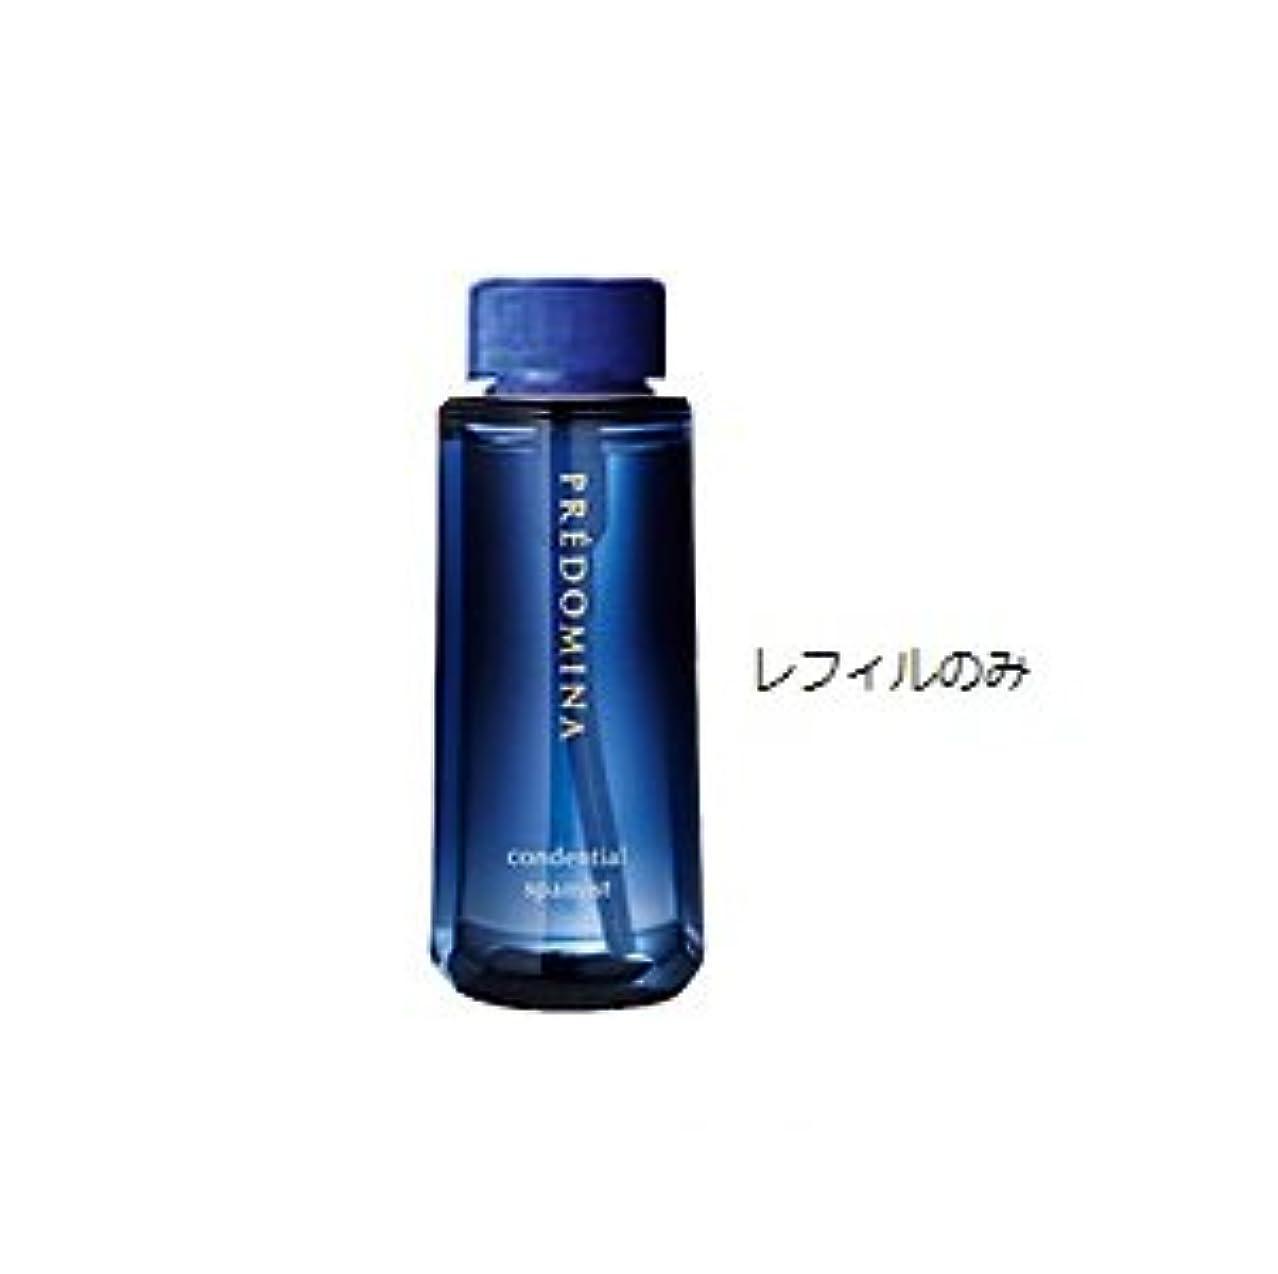 震えるタンパク質潤滑するディシラ プレドミナ コンデンシャル スパミスト 50ml レフィル